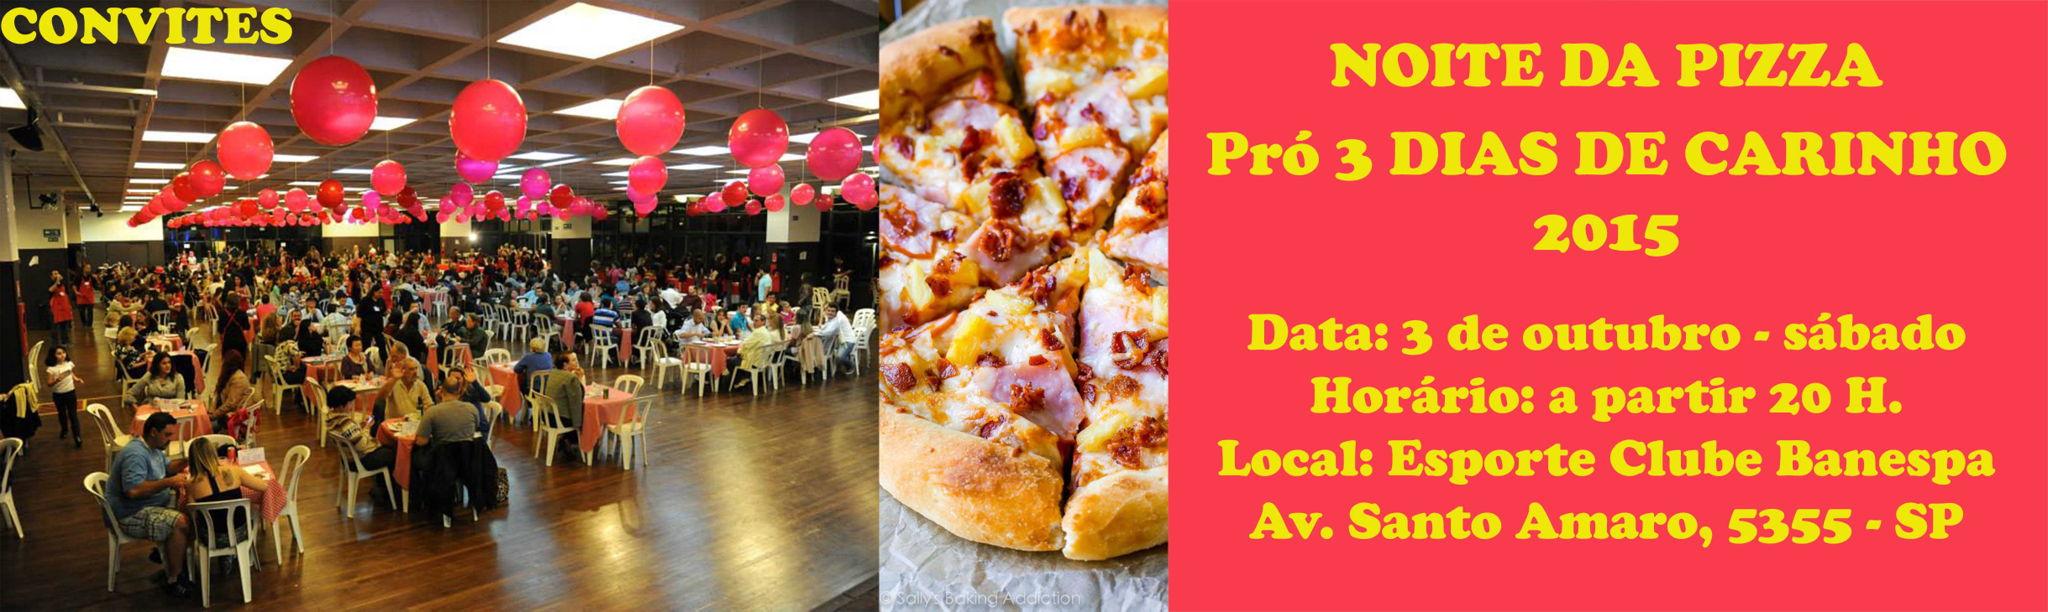 Pizza 2015 Banner Convite1 - Ademir.jpg